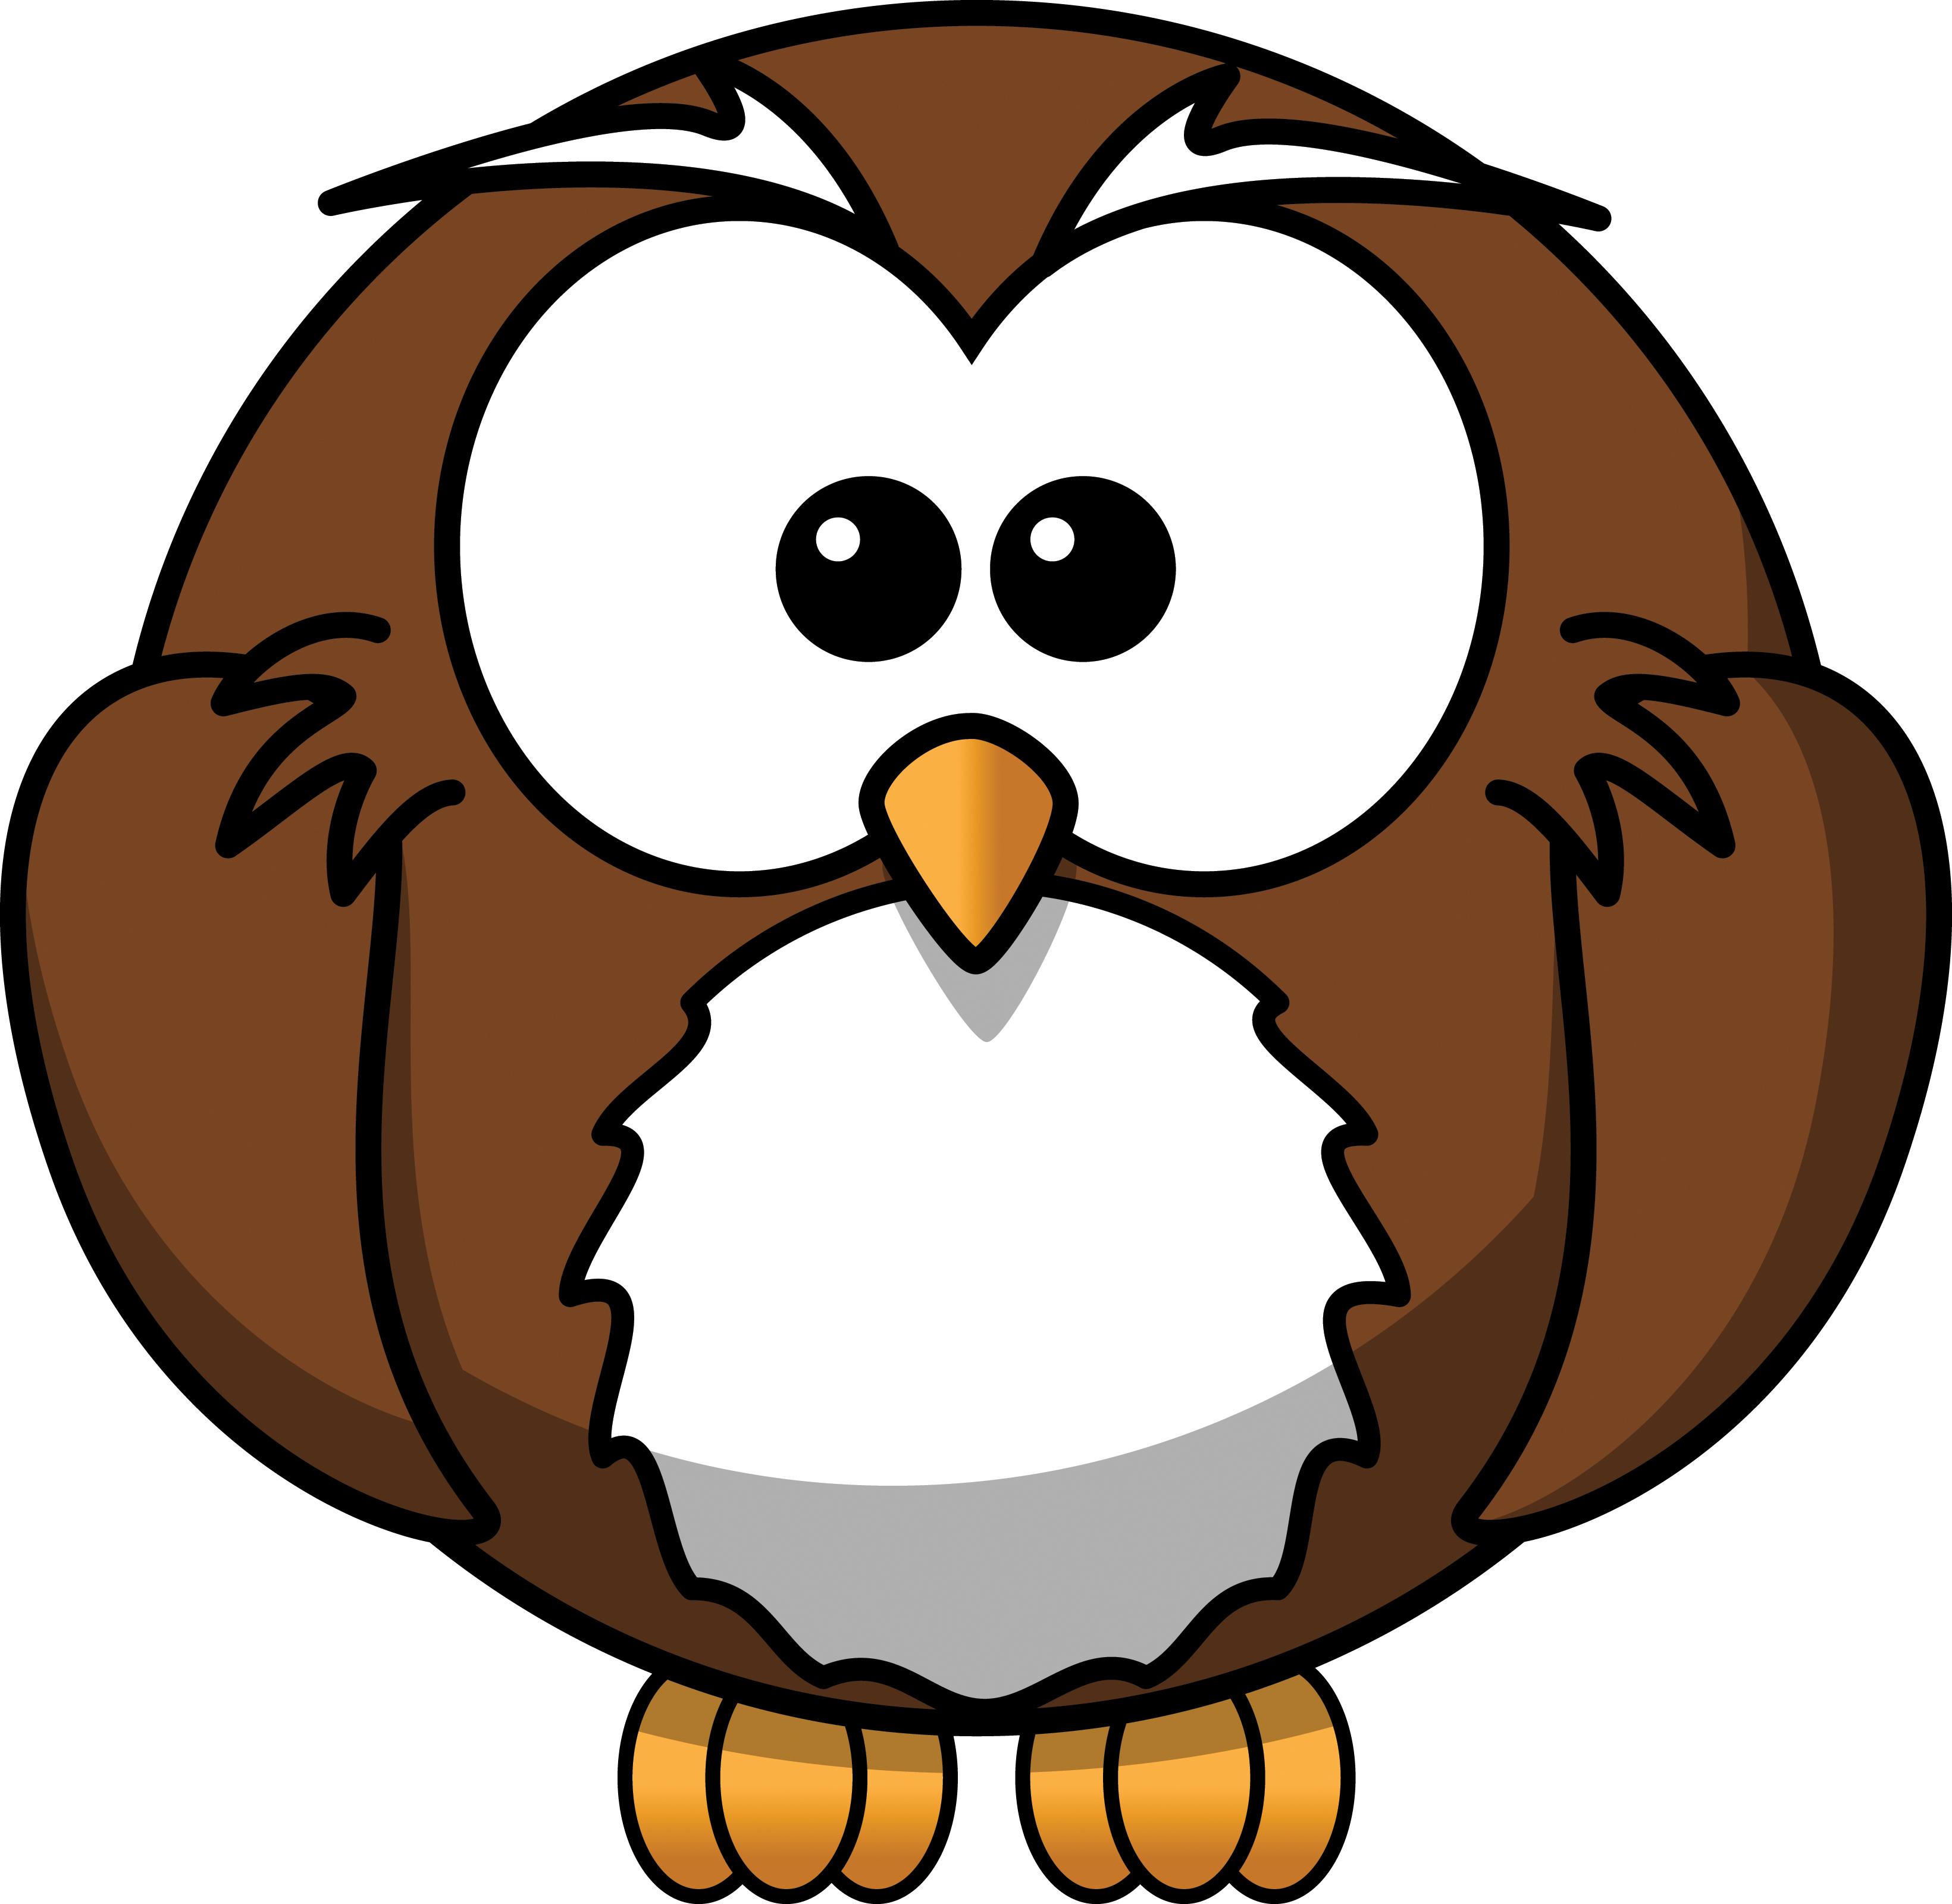 3281x3200 Cartoon Owl Clipart